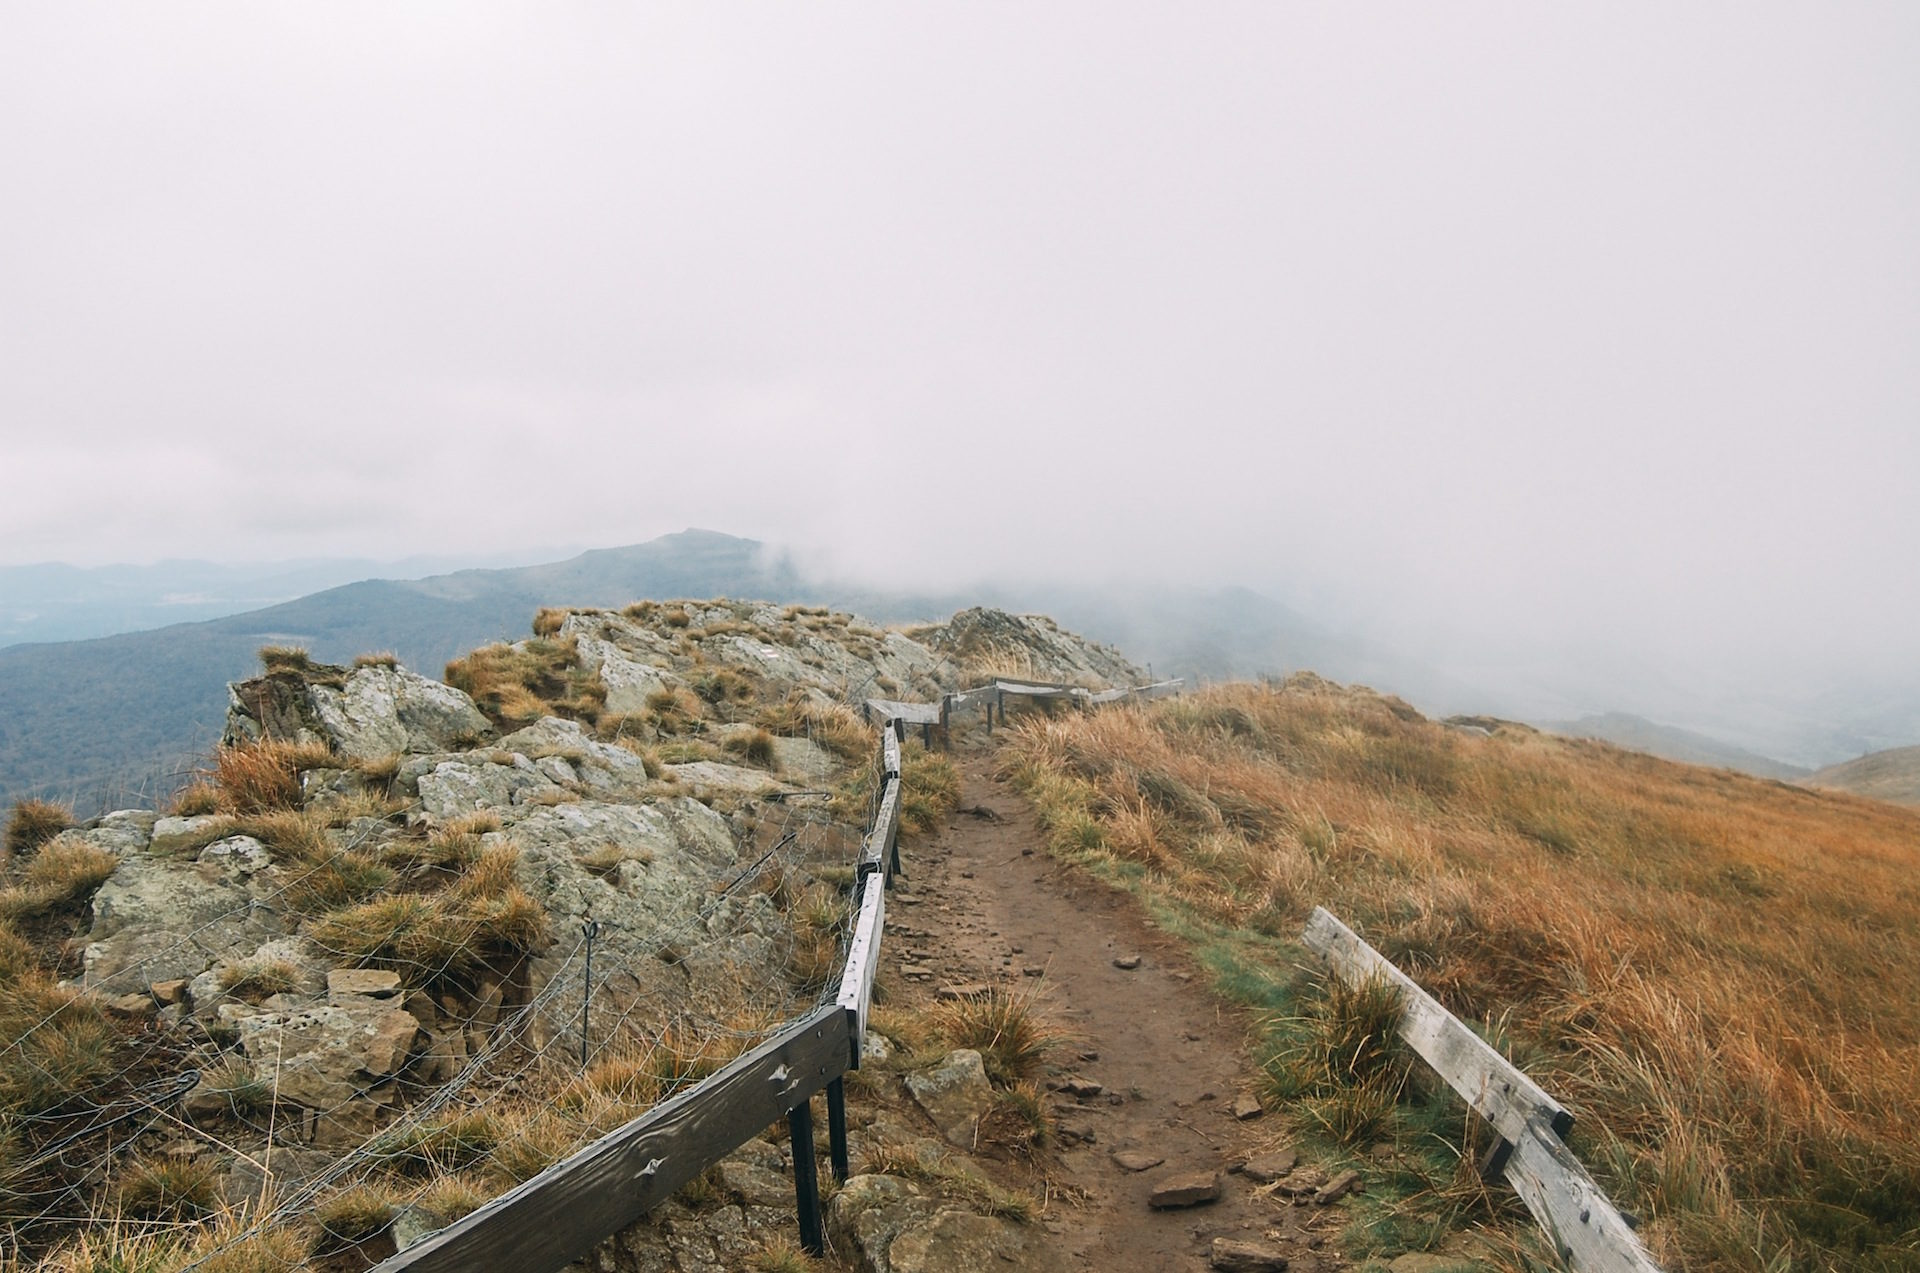 camino, campo, montaña, niebla, perdido - Fondos de Pantalla HD - professor-falken.com